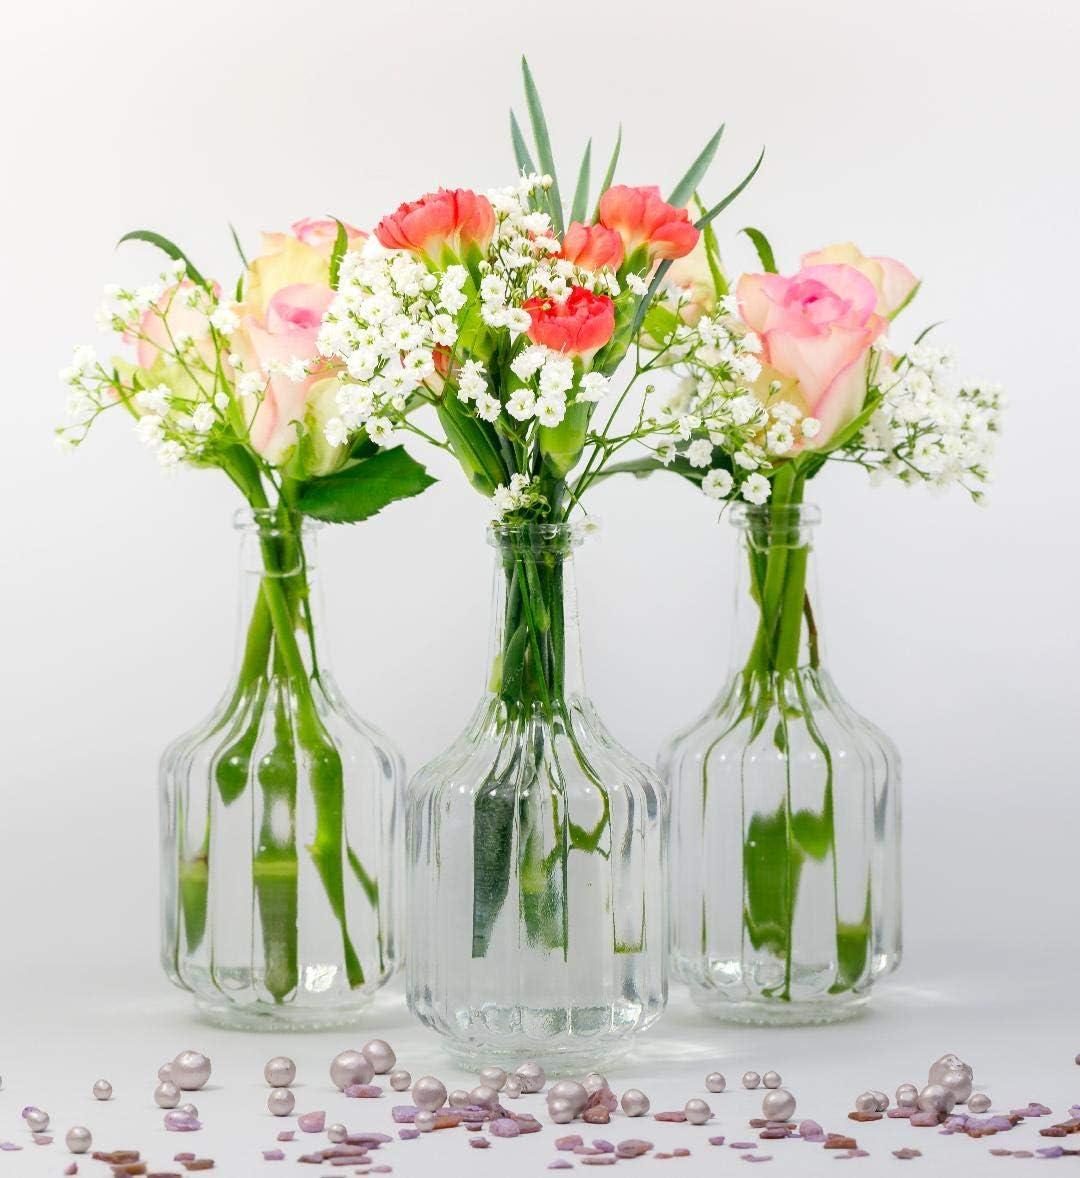 casavetro - Jarrones pequeños de Cristal HALSI, Botellas de Cristal, Estilo rústico, Vintage, jarrón de Cristal, Transparente, Mini Botellas ...